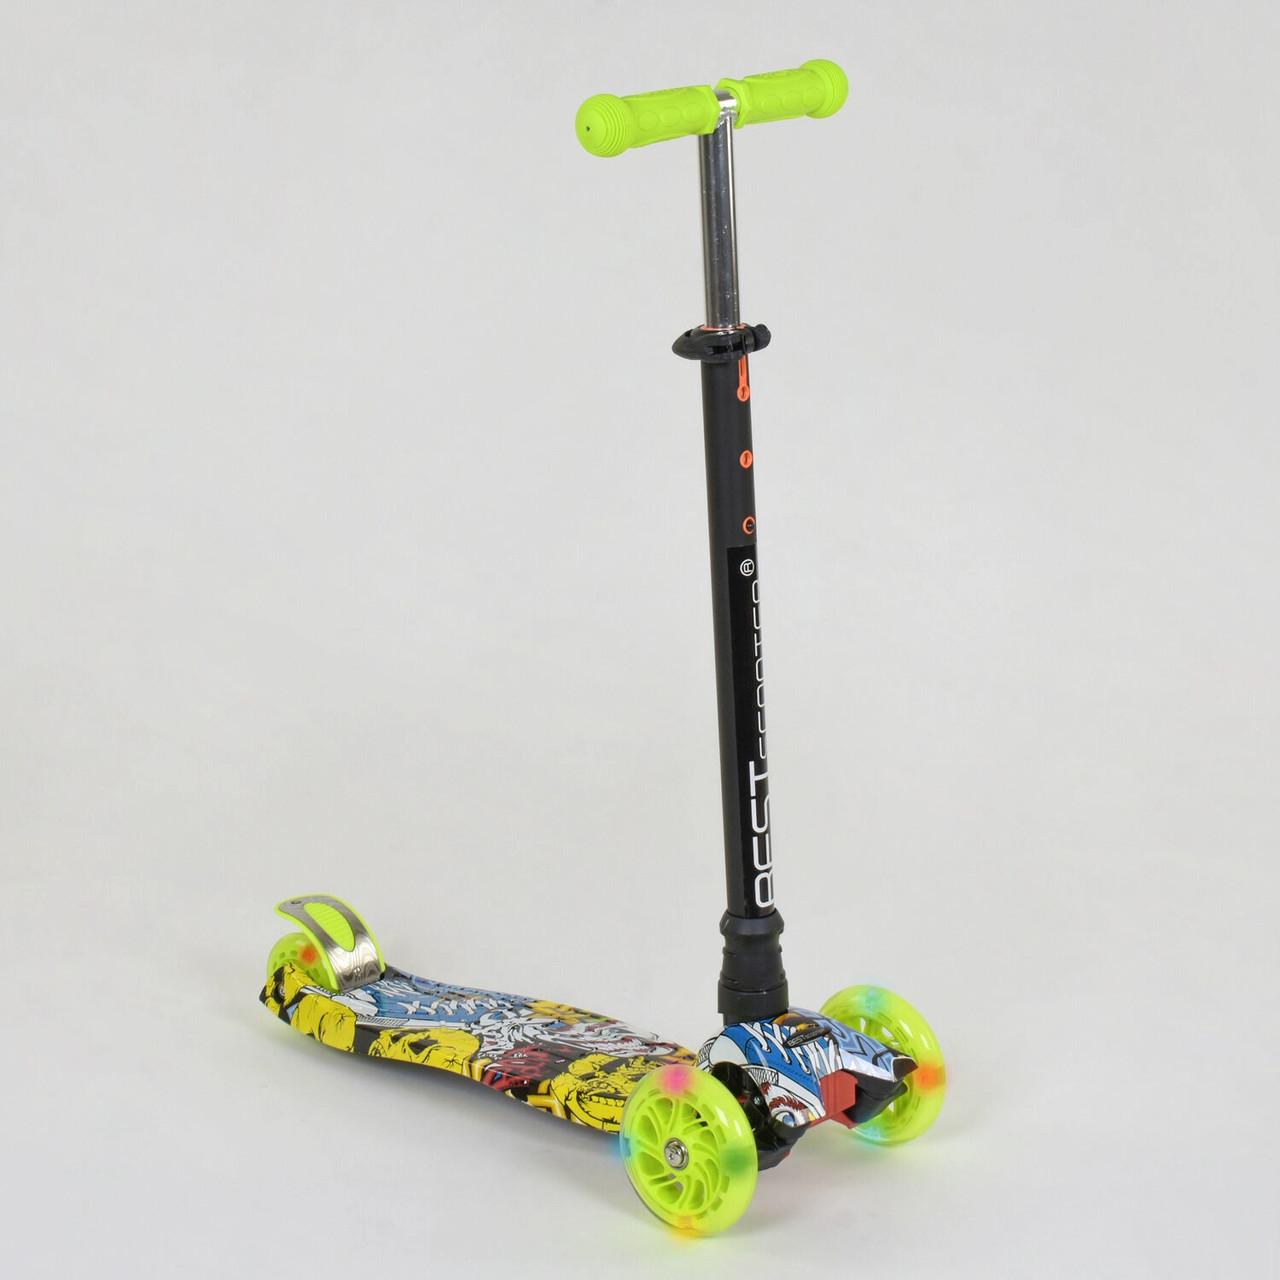 Самокат детский трехколесный Best Scooter Maxi А 24649 /779-1393 со светящимися колесами